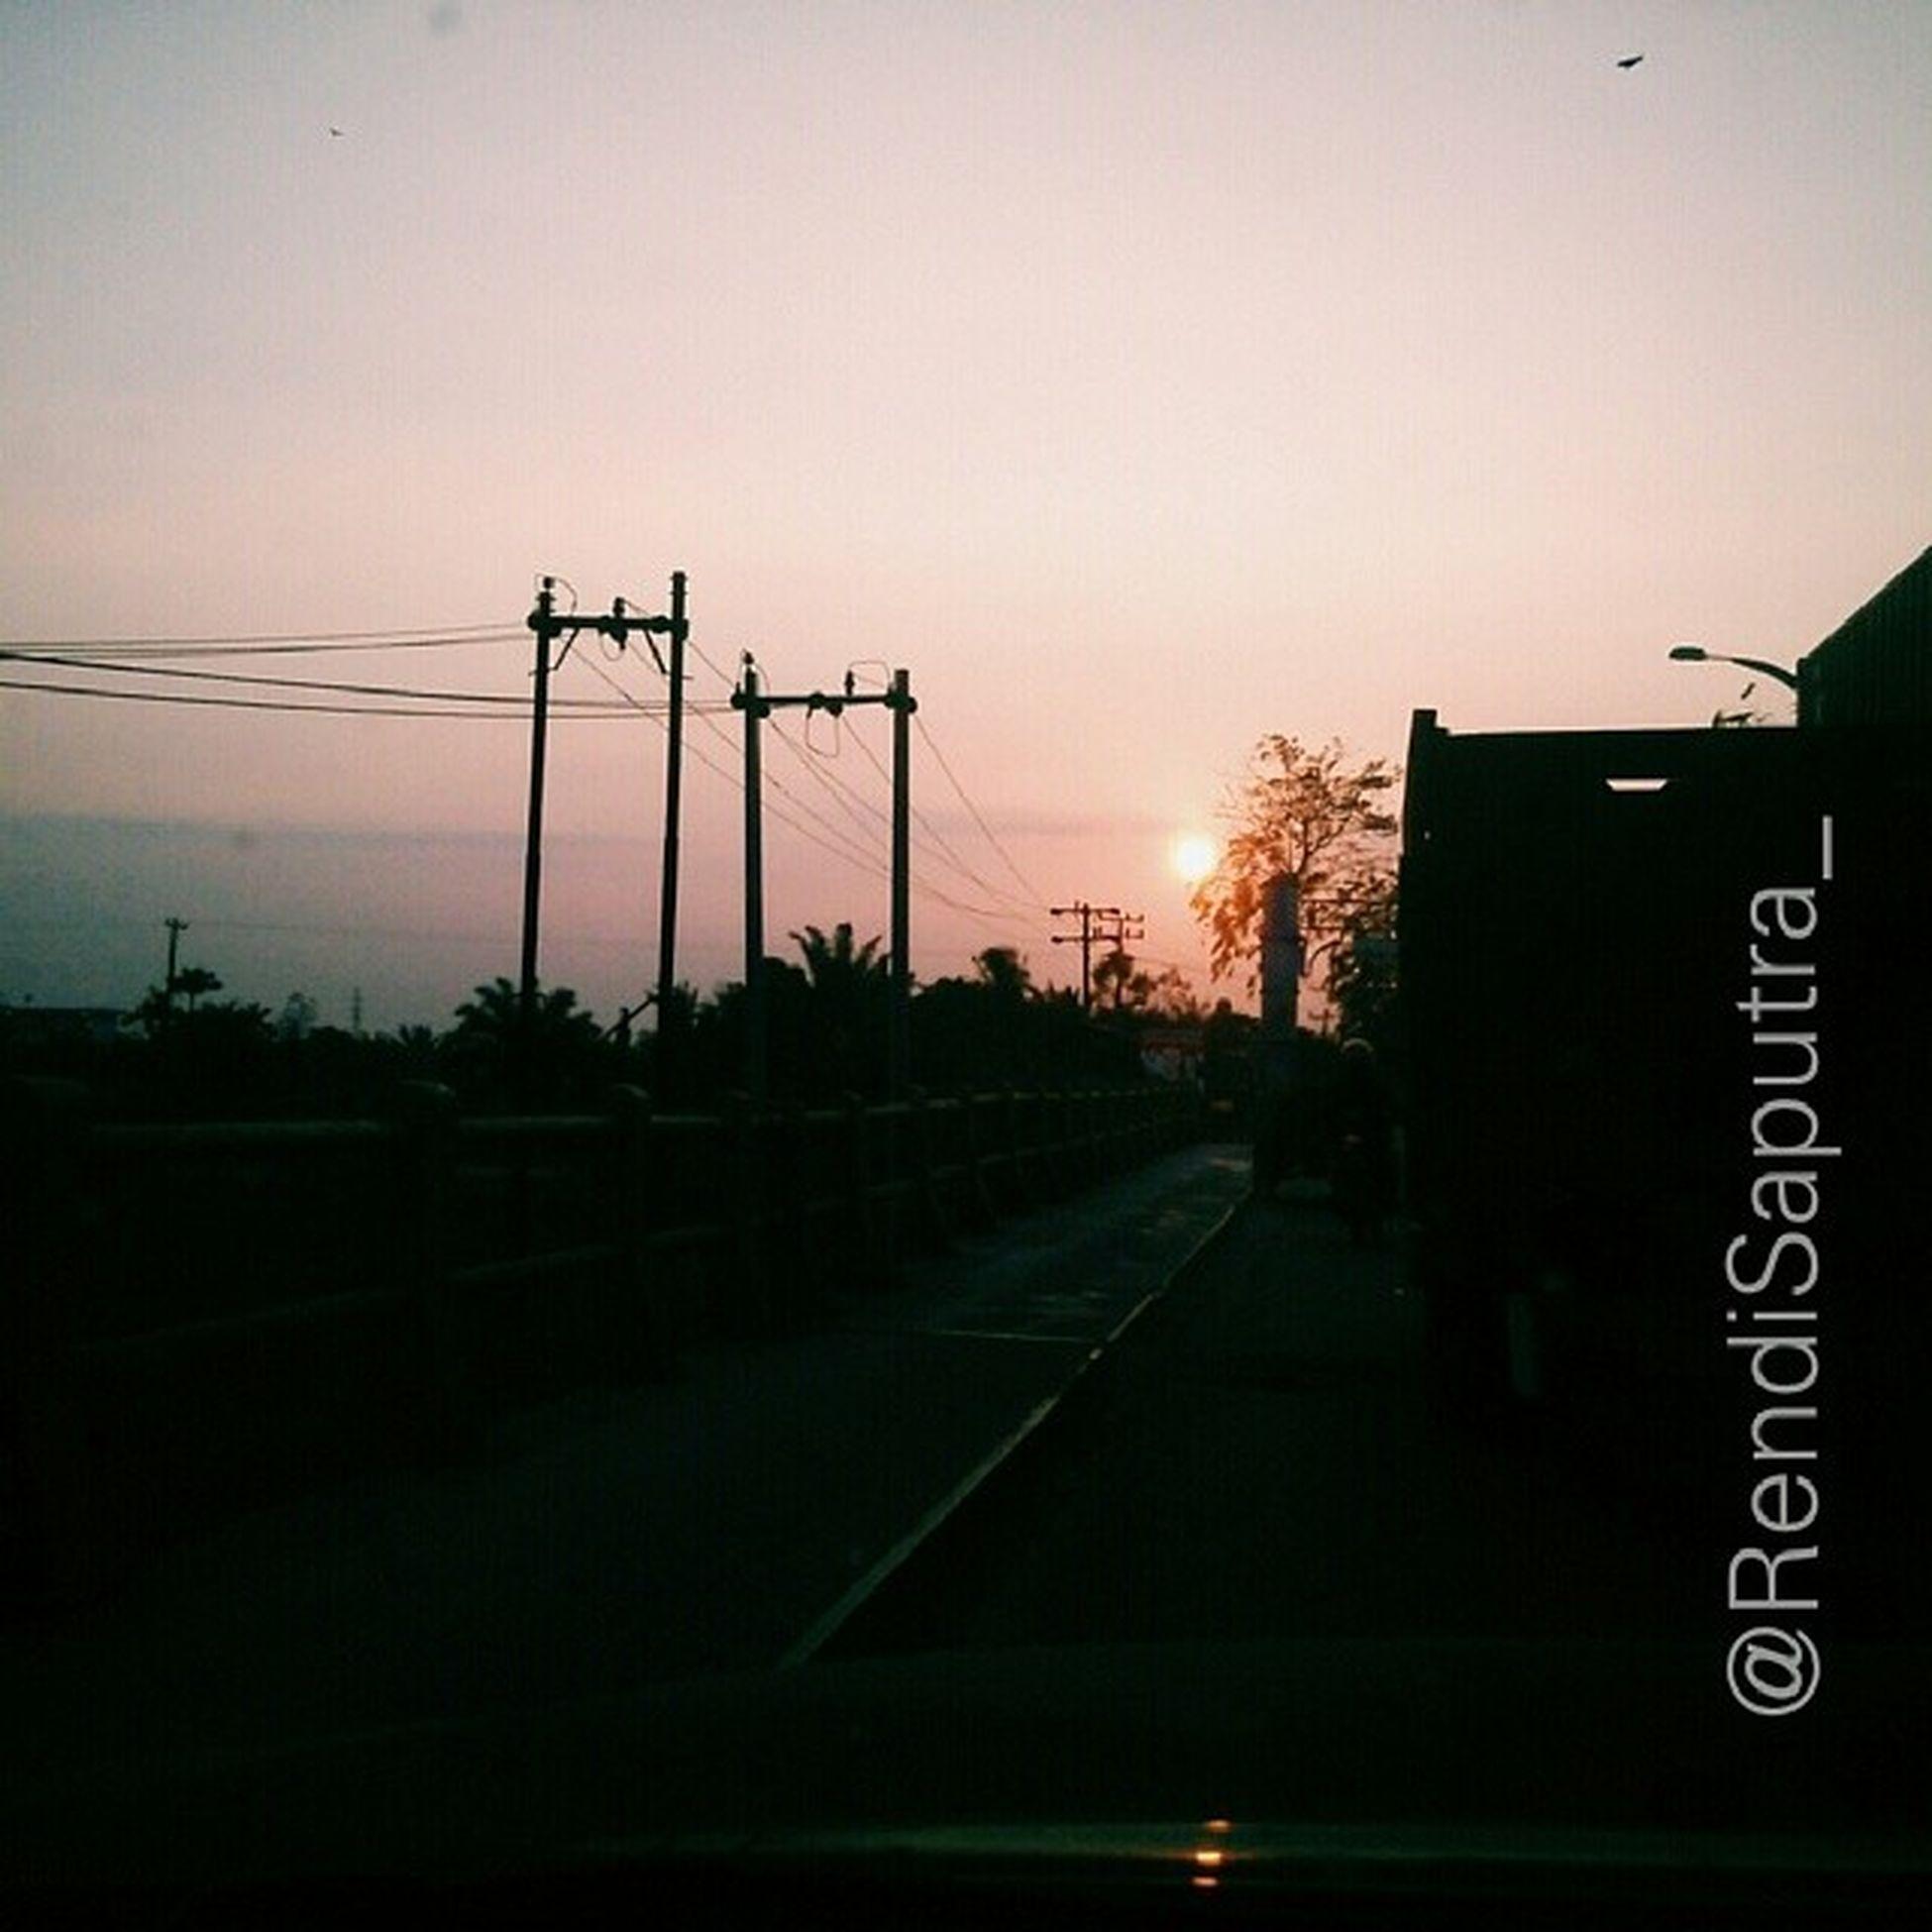 Senja sore ini. NegeriSejutaSenja Phoneograph Instanusantaramdn Instanusantara Indonesia Regram Instaphoto Sunset GadgetPhotograph Phoneograph Ori